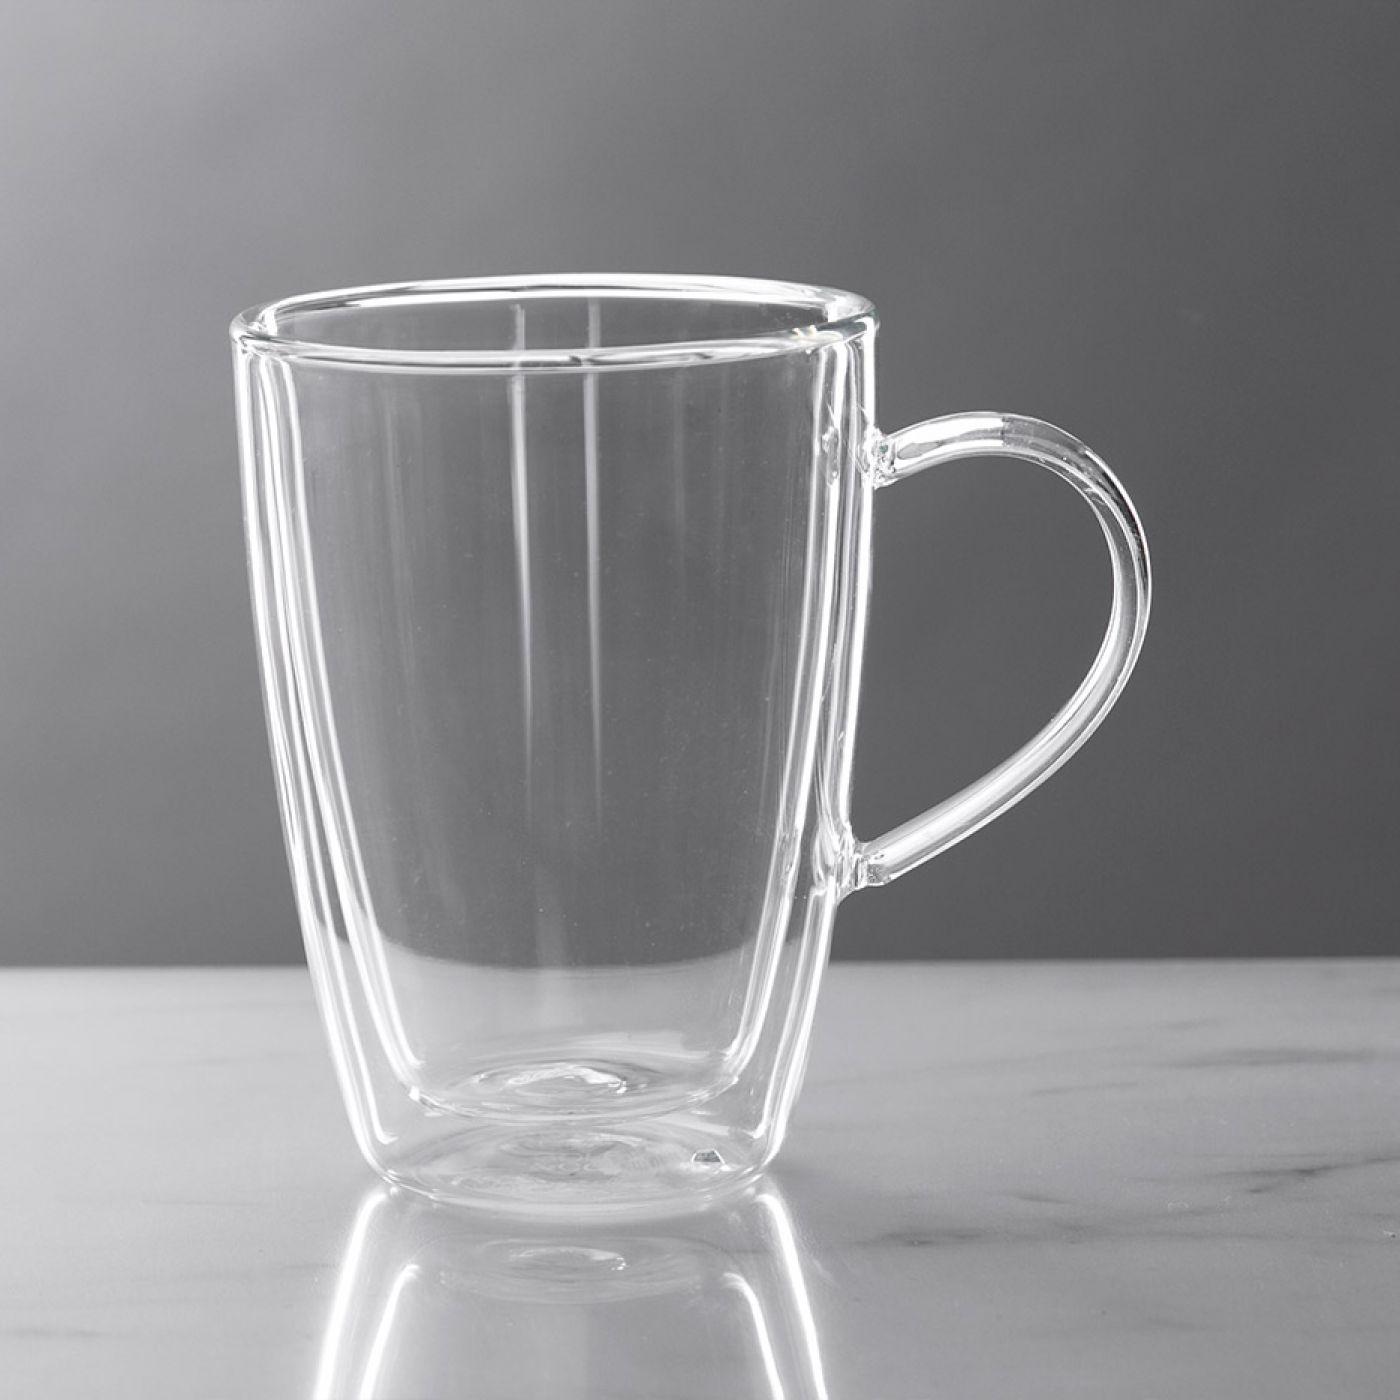 סדרת כלי זכוכית DOUBLE